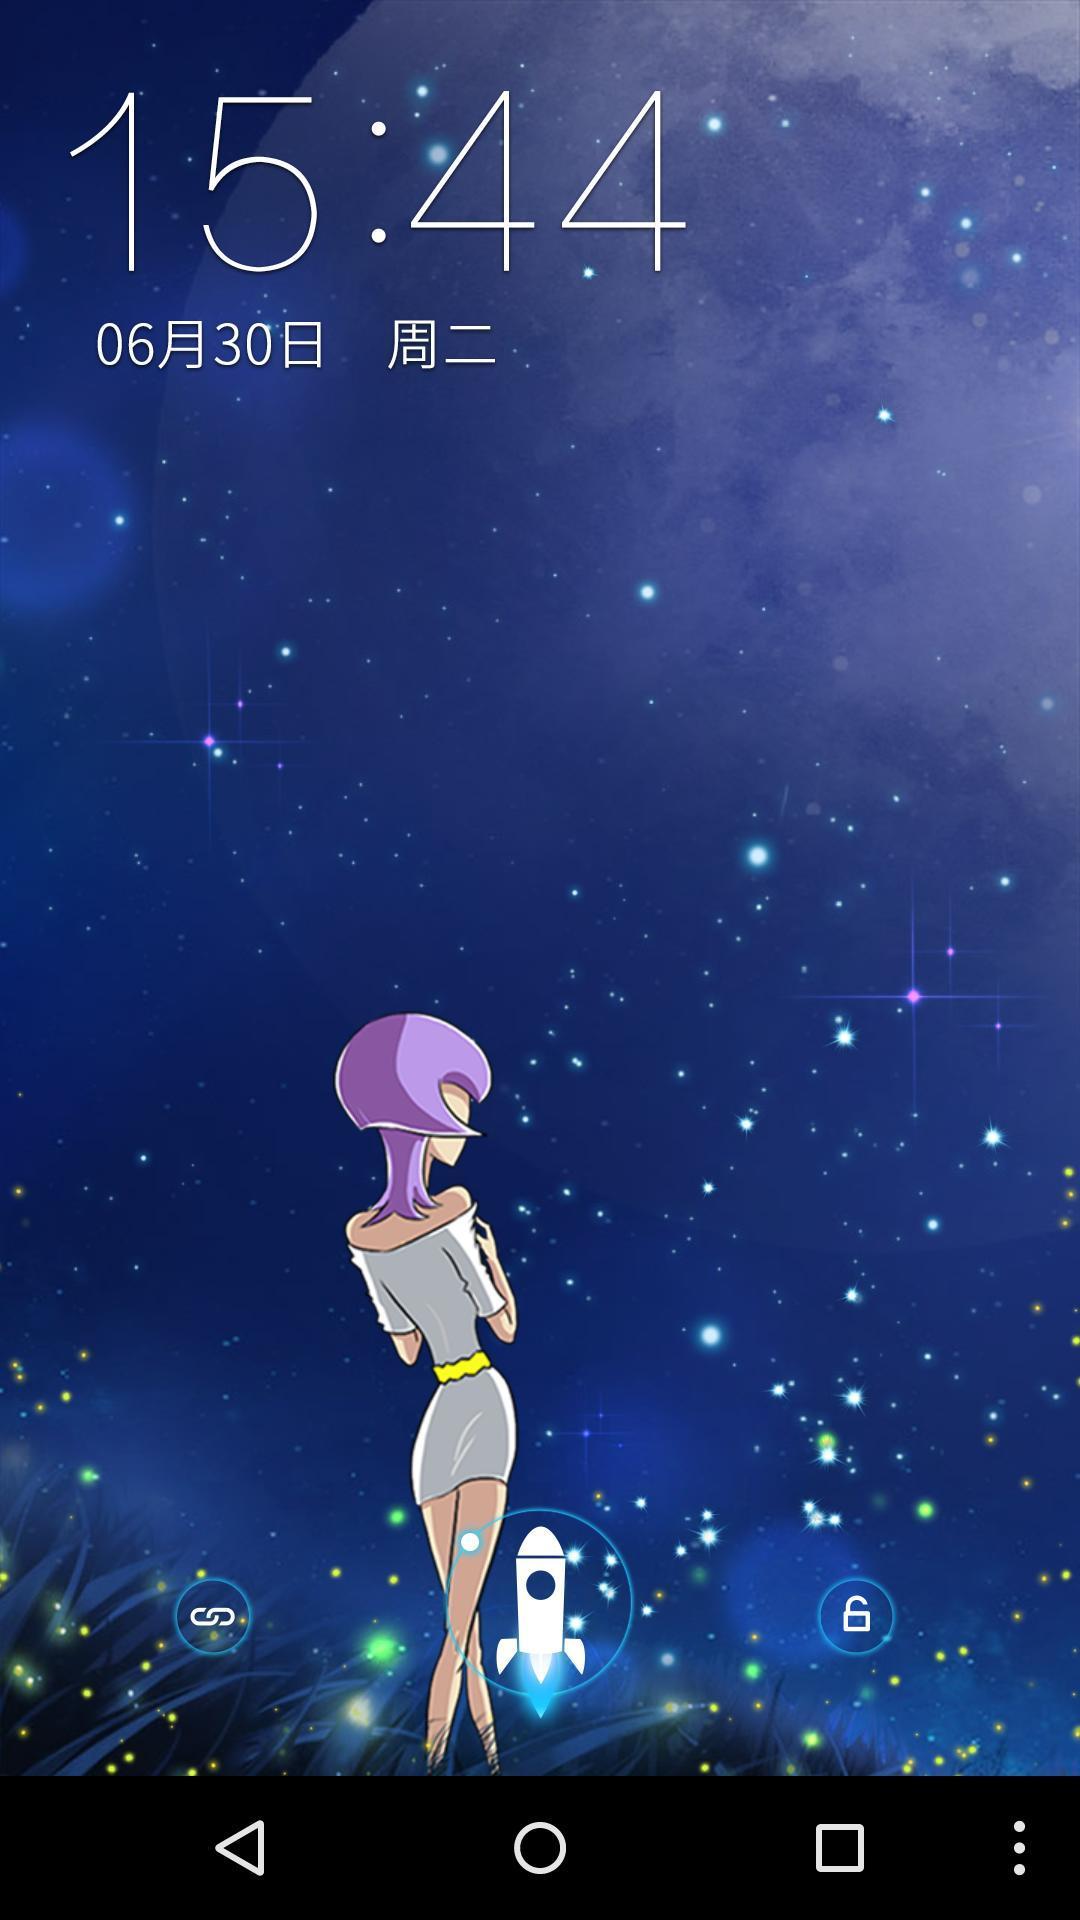 星空下的女孩-梦象动态壁纸